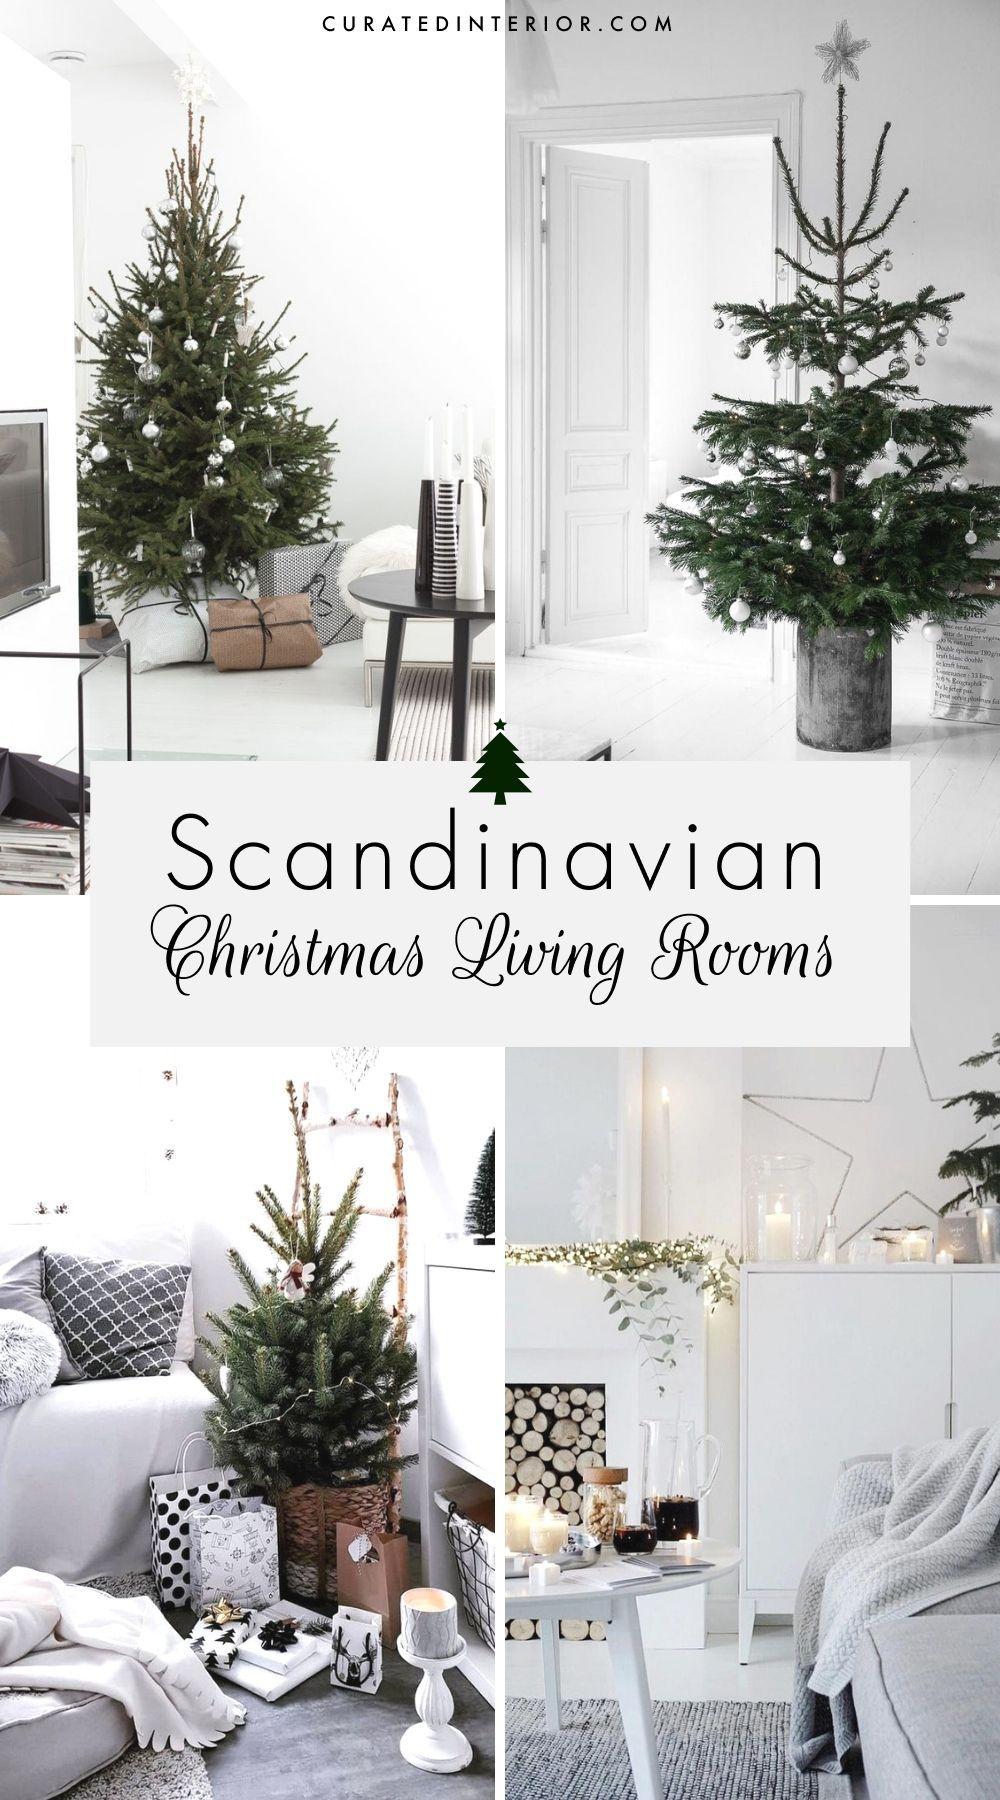 25 Scandinavian Christmas Living Room Decor Ideas In 2020 Christmas Living Rooms Christmas Decorations Living Room Decor